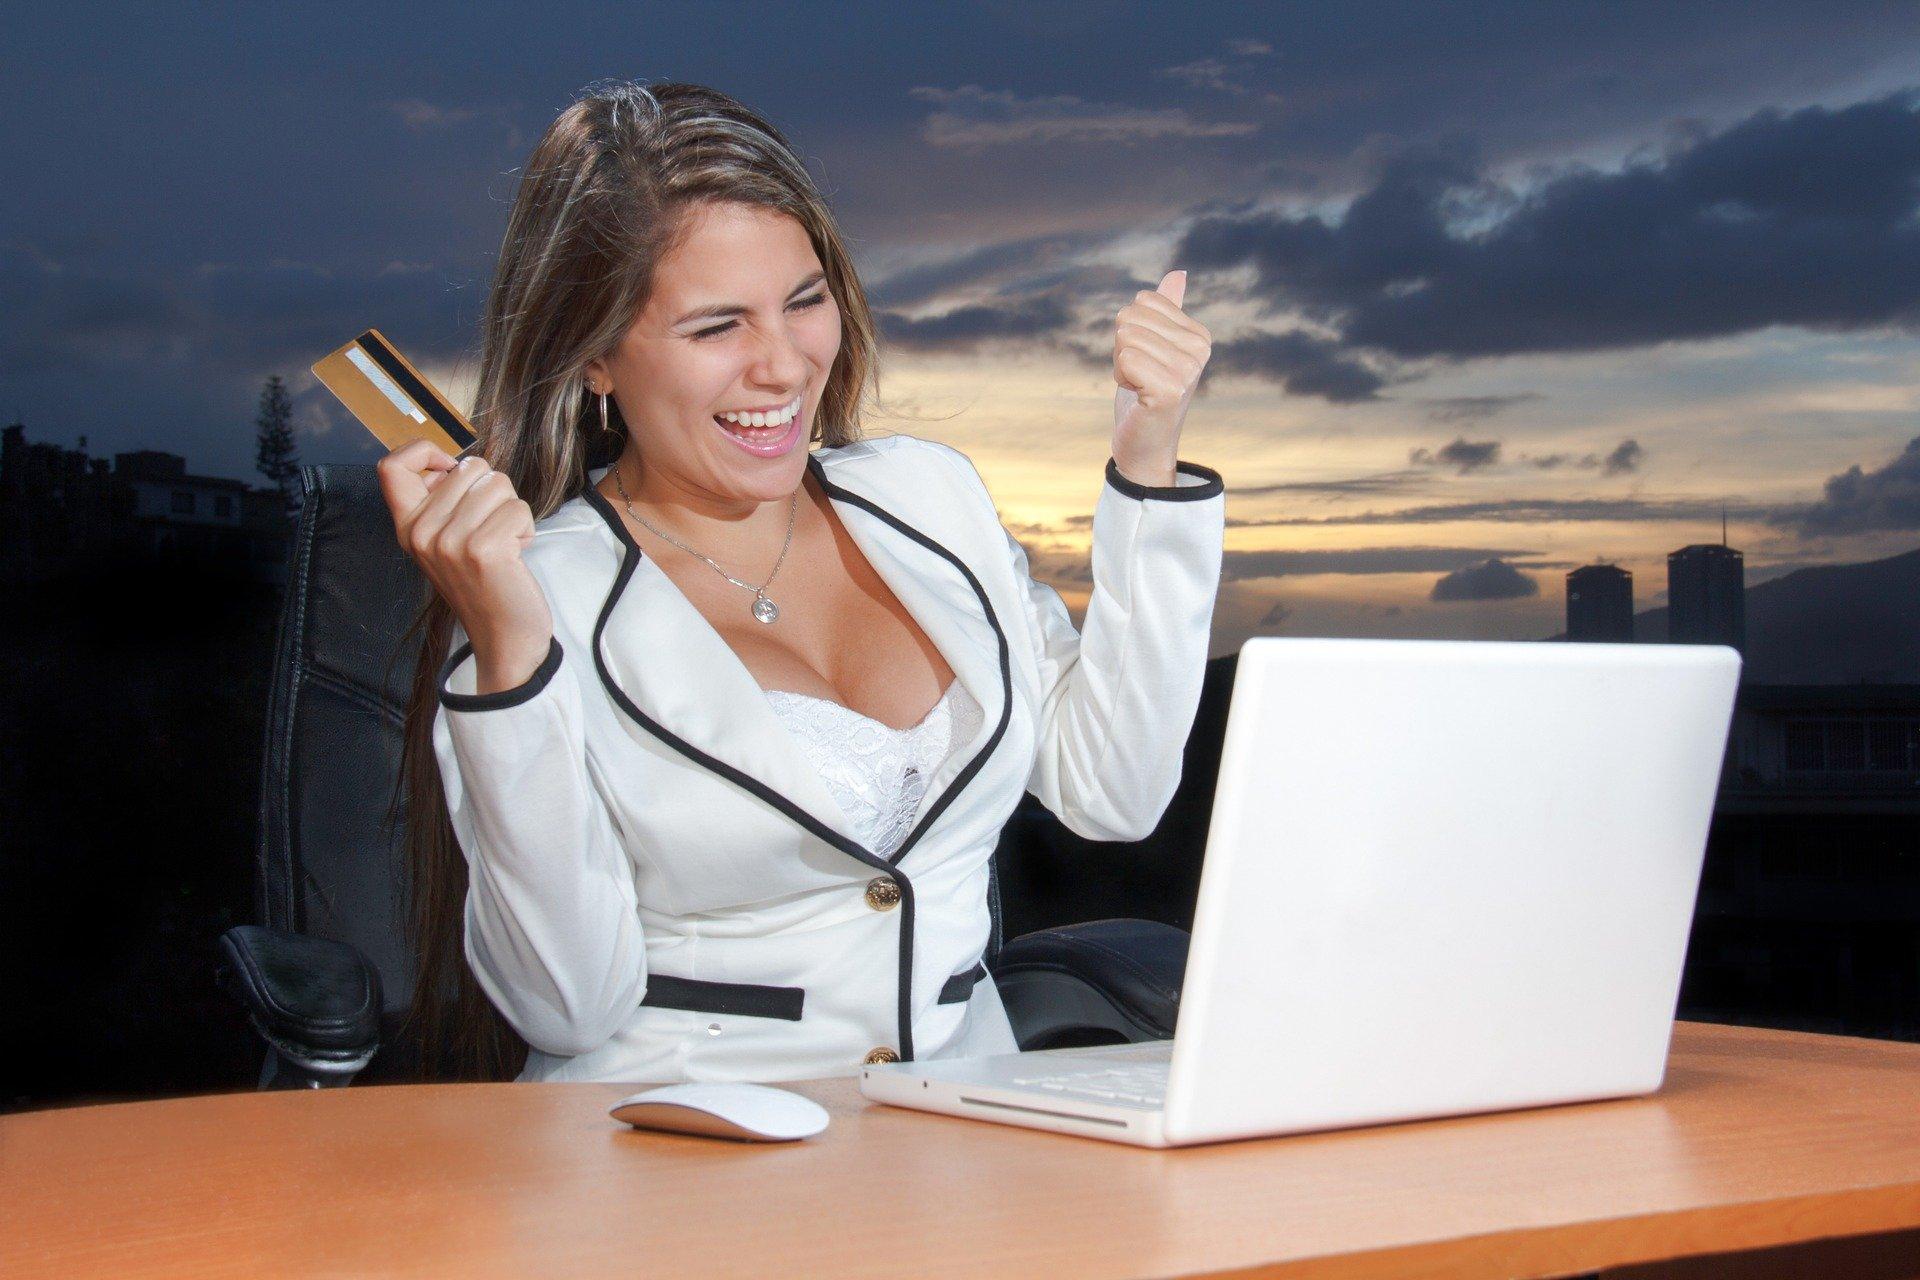 zakupy przez internet shopping laptop karta płatnicza